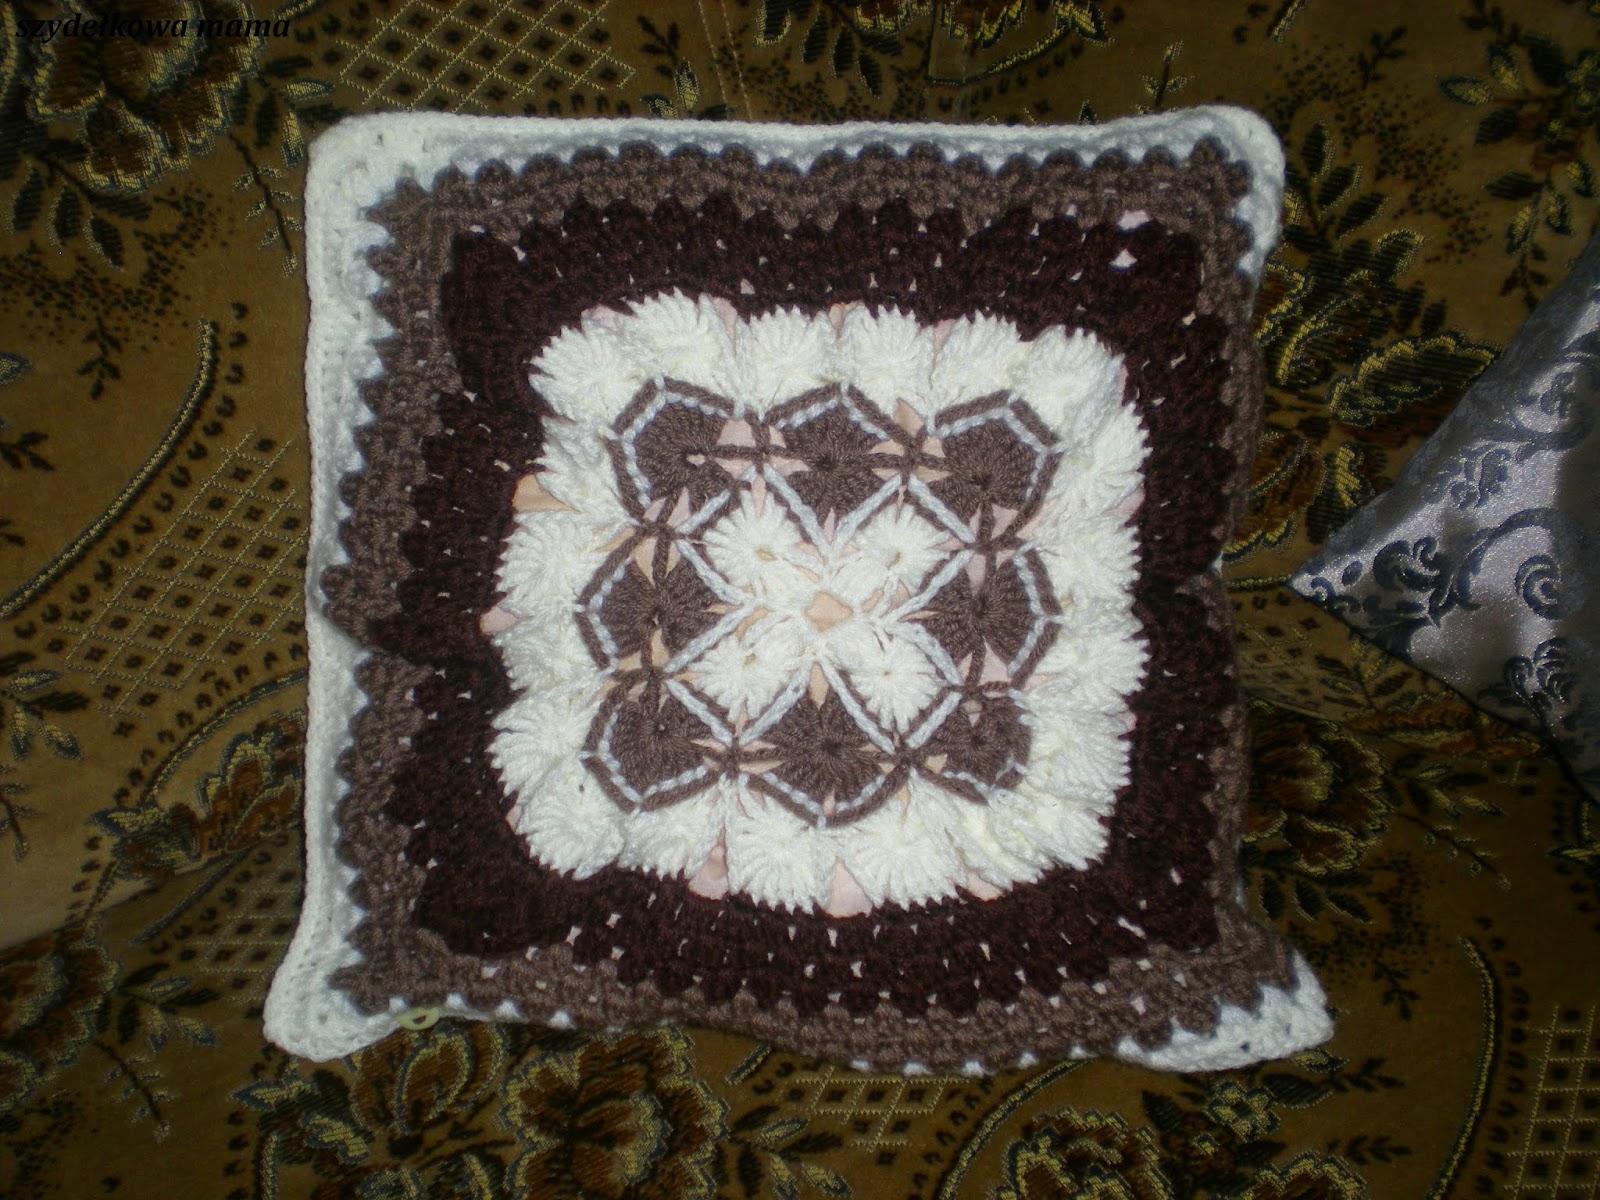 Poszewka z bavarian crochet